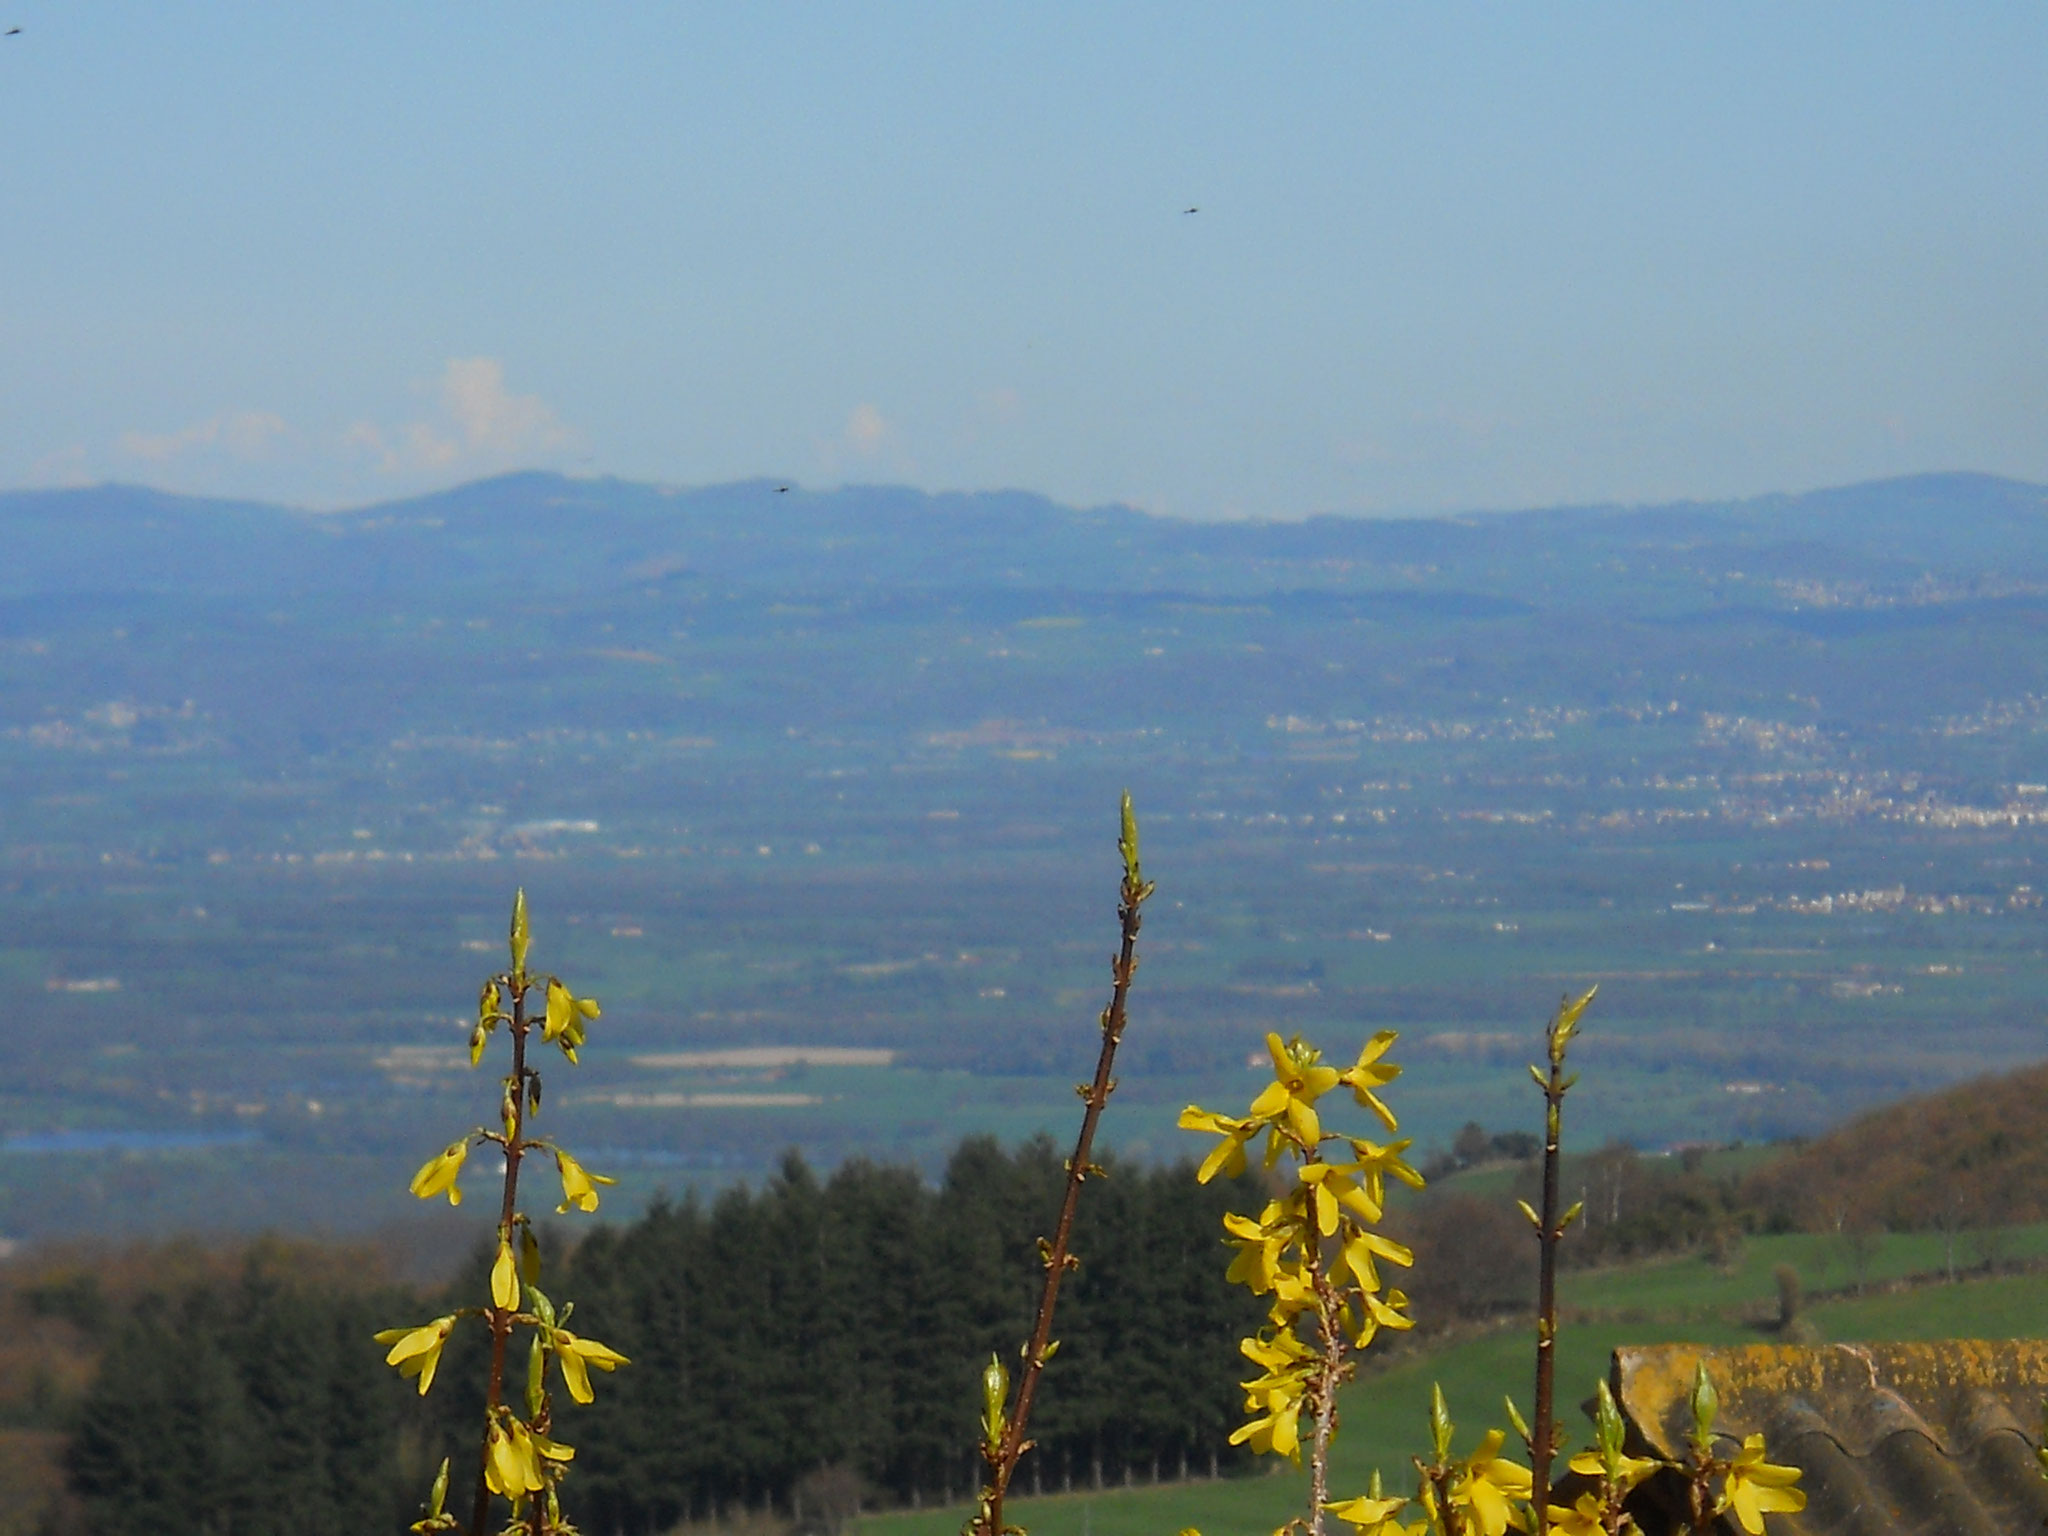 Vue sur la plaine du Forez depuis le hameau de Chavannes